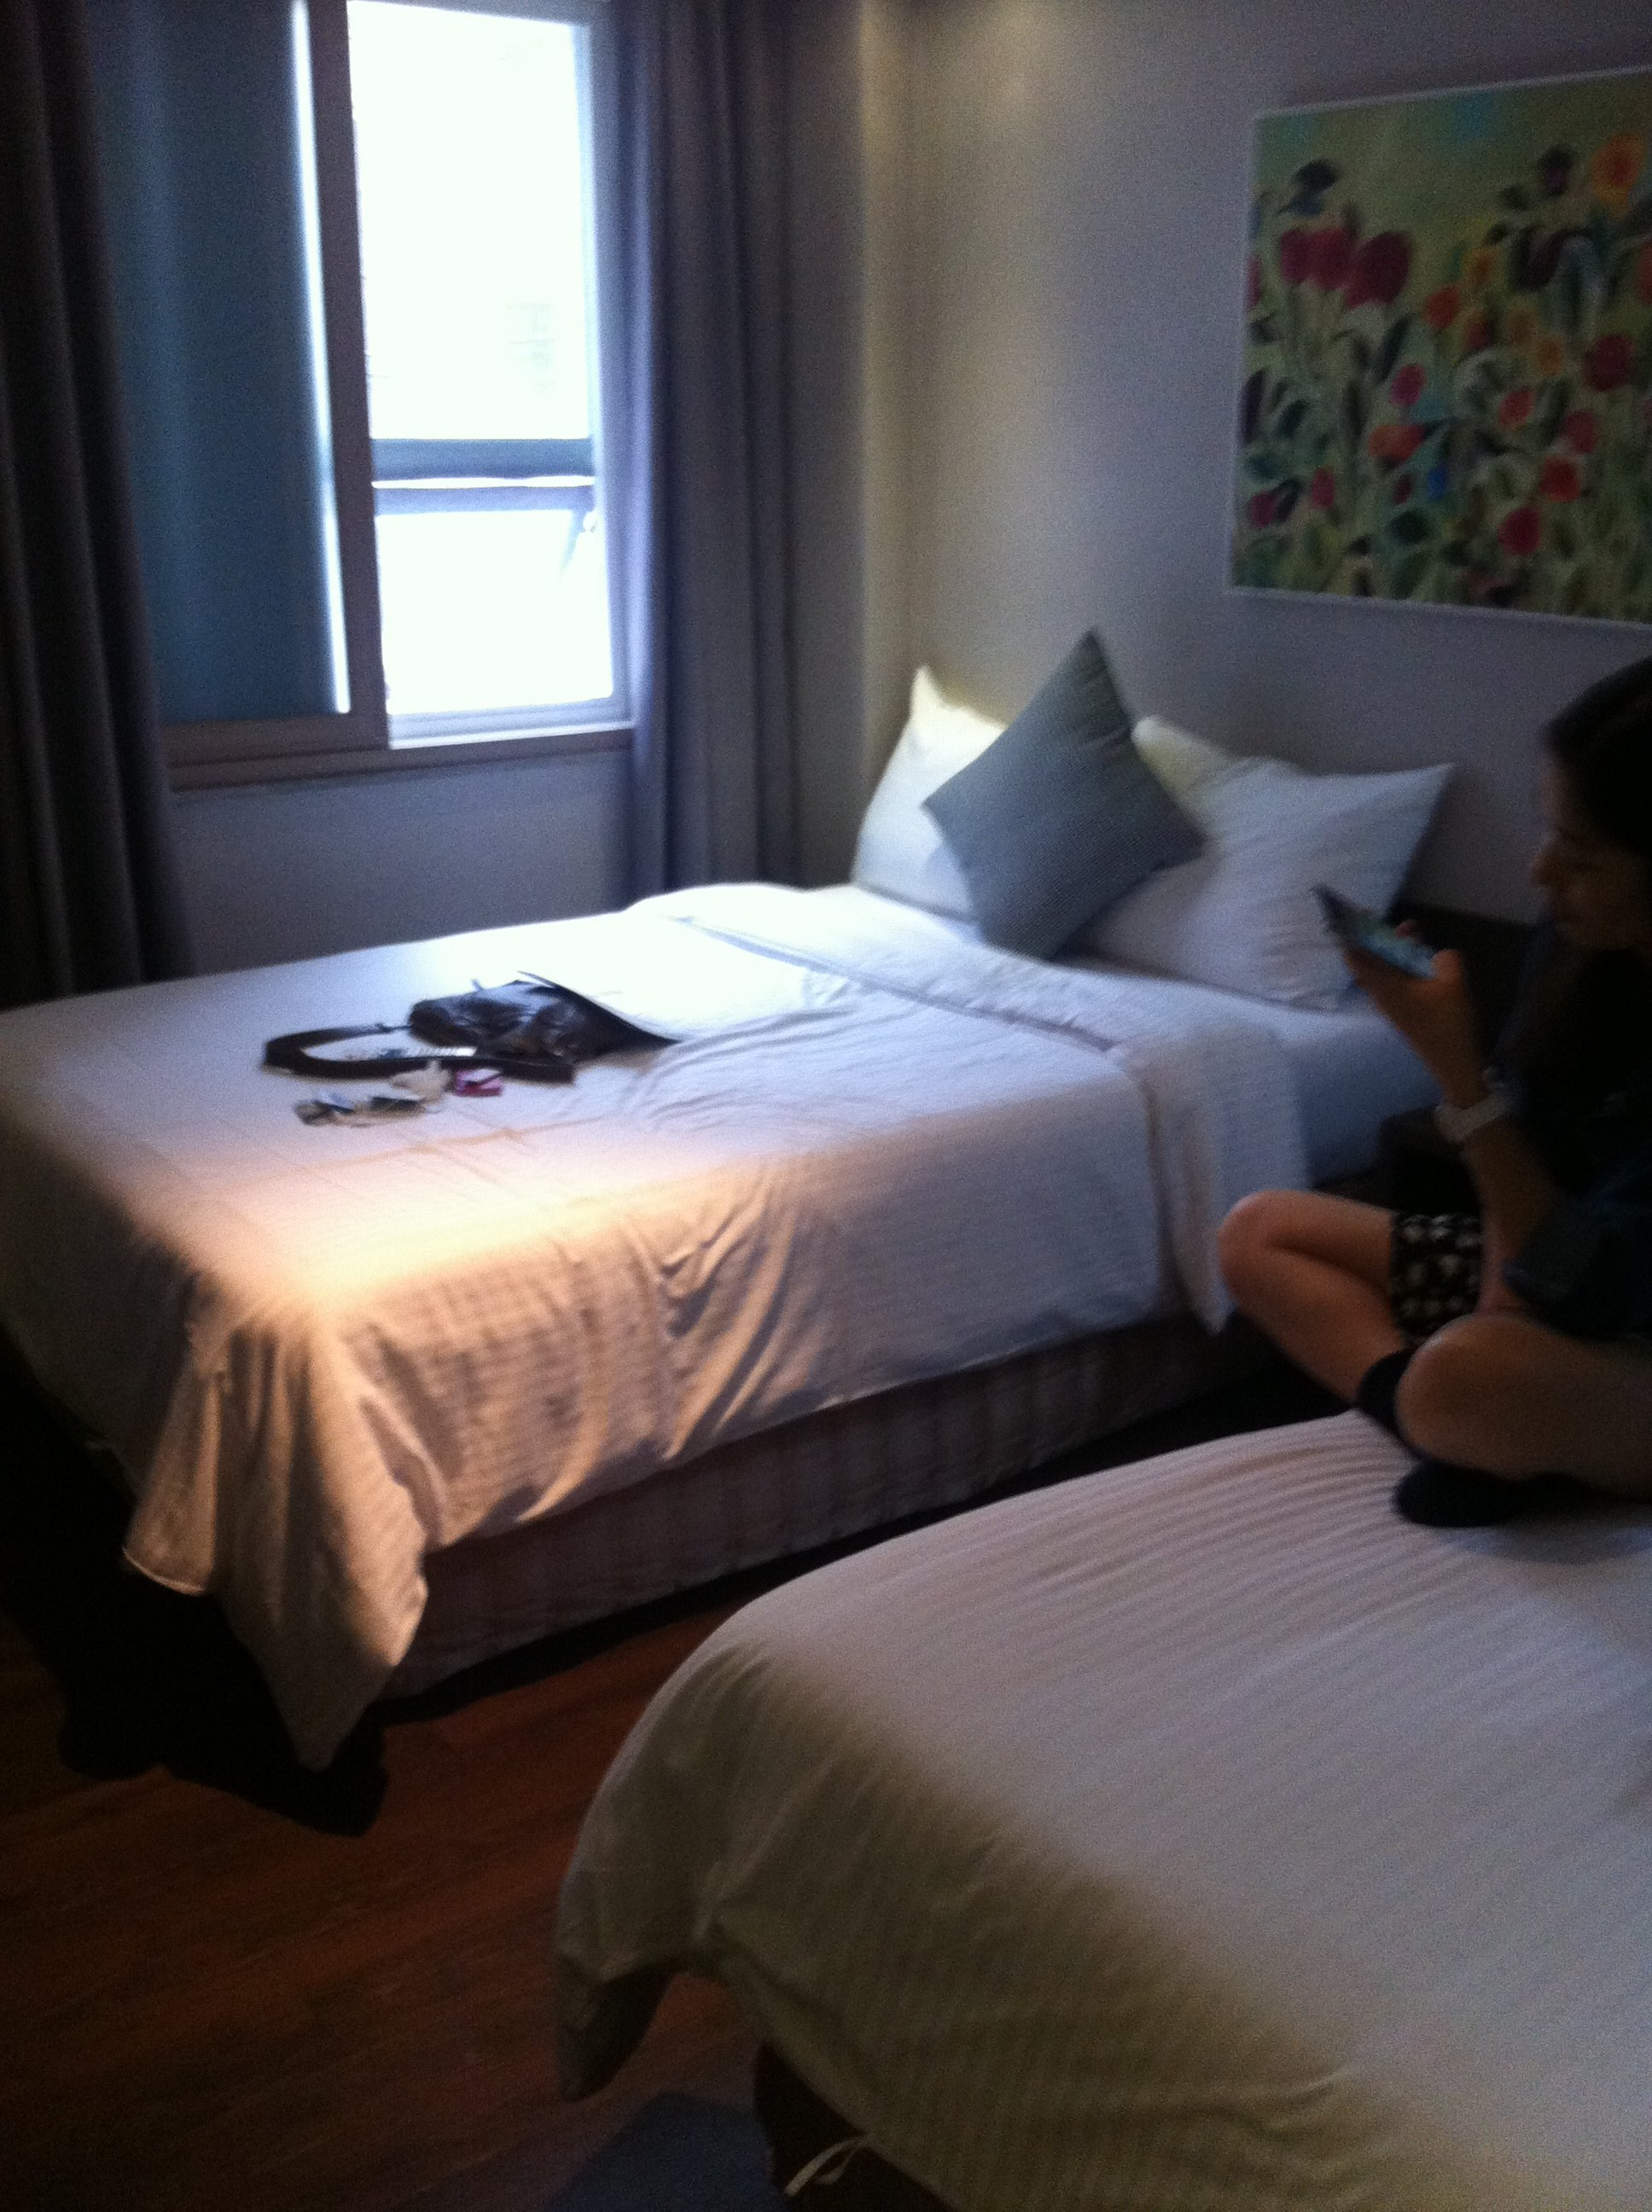 背景墙 房间 家居 酒店 设计 卧室 卧室装修 现代 装修 1936_2592 竖